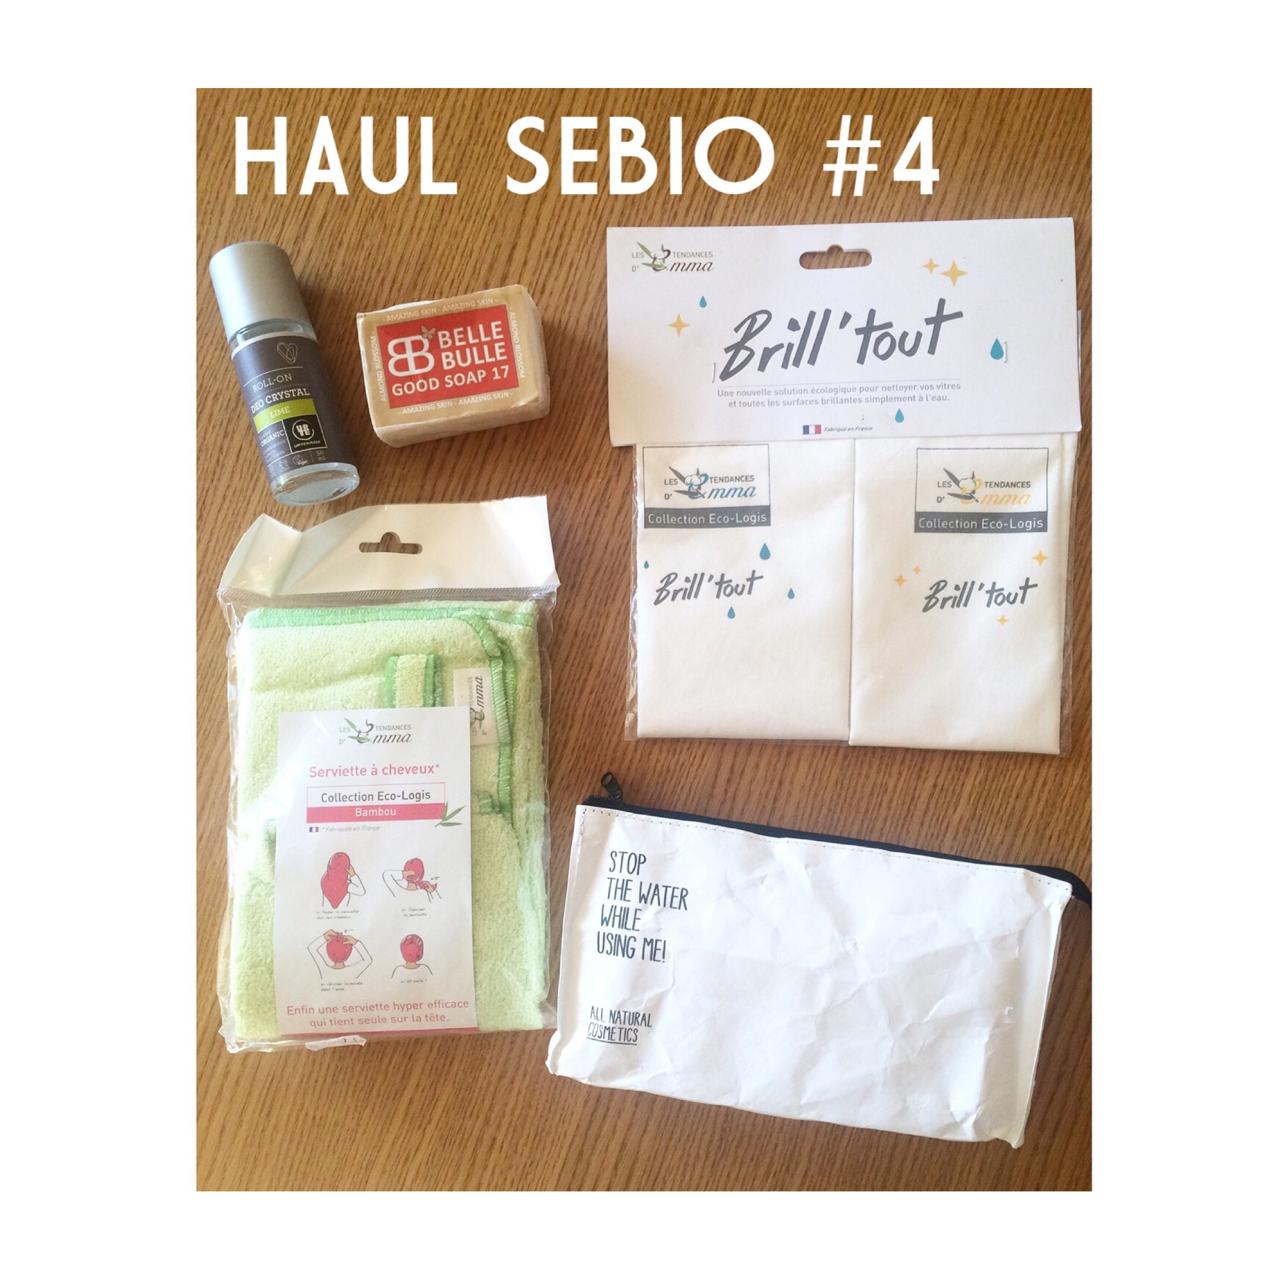 HAUL SEBIO #4